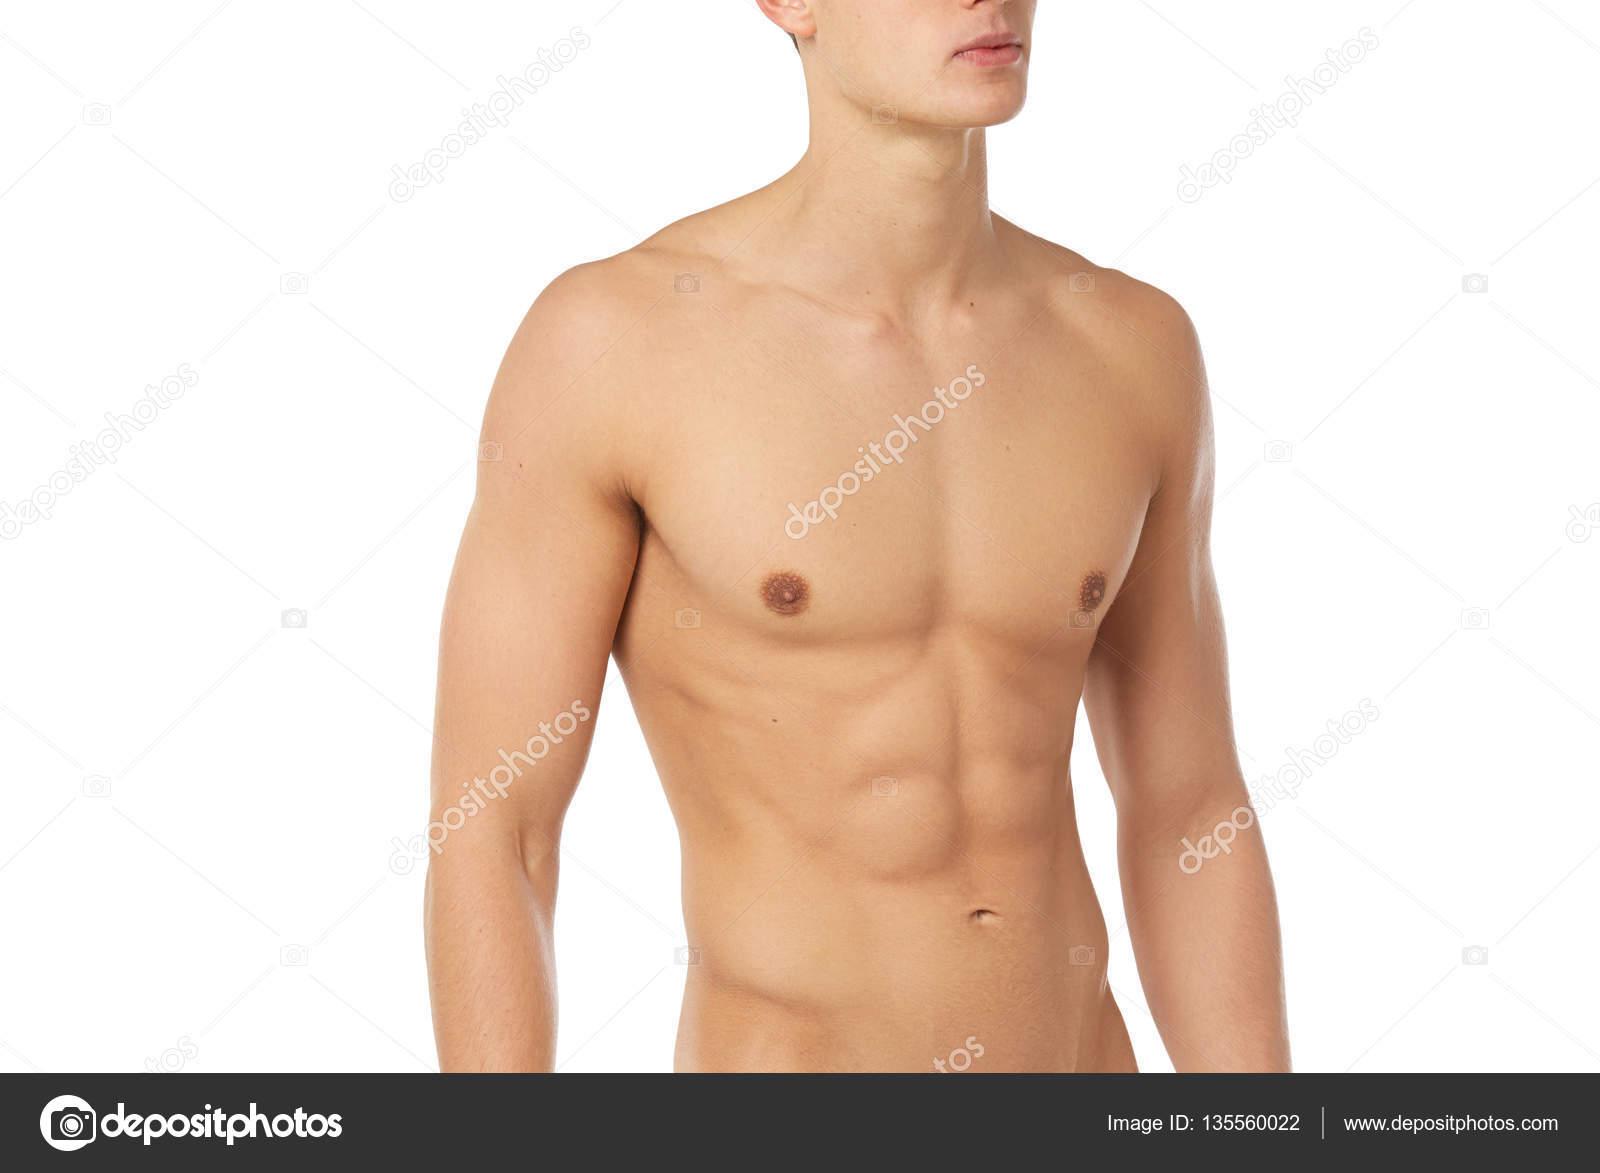 Tema deportes y fitness: desnudo hombre musculoso deportivo ...